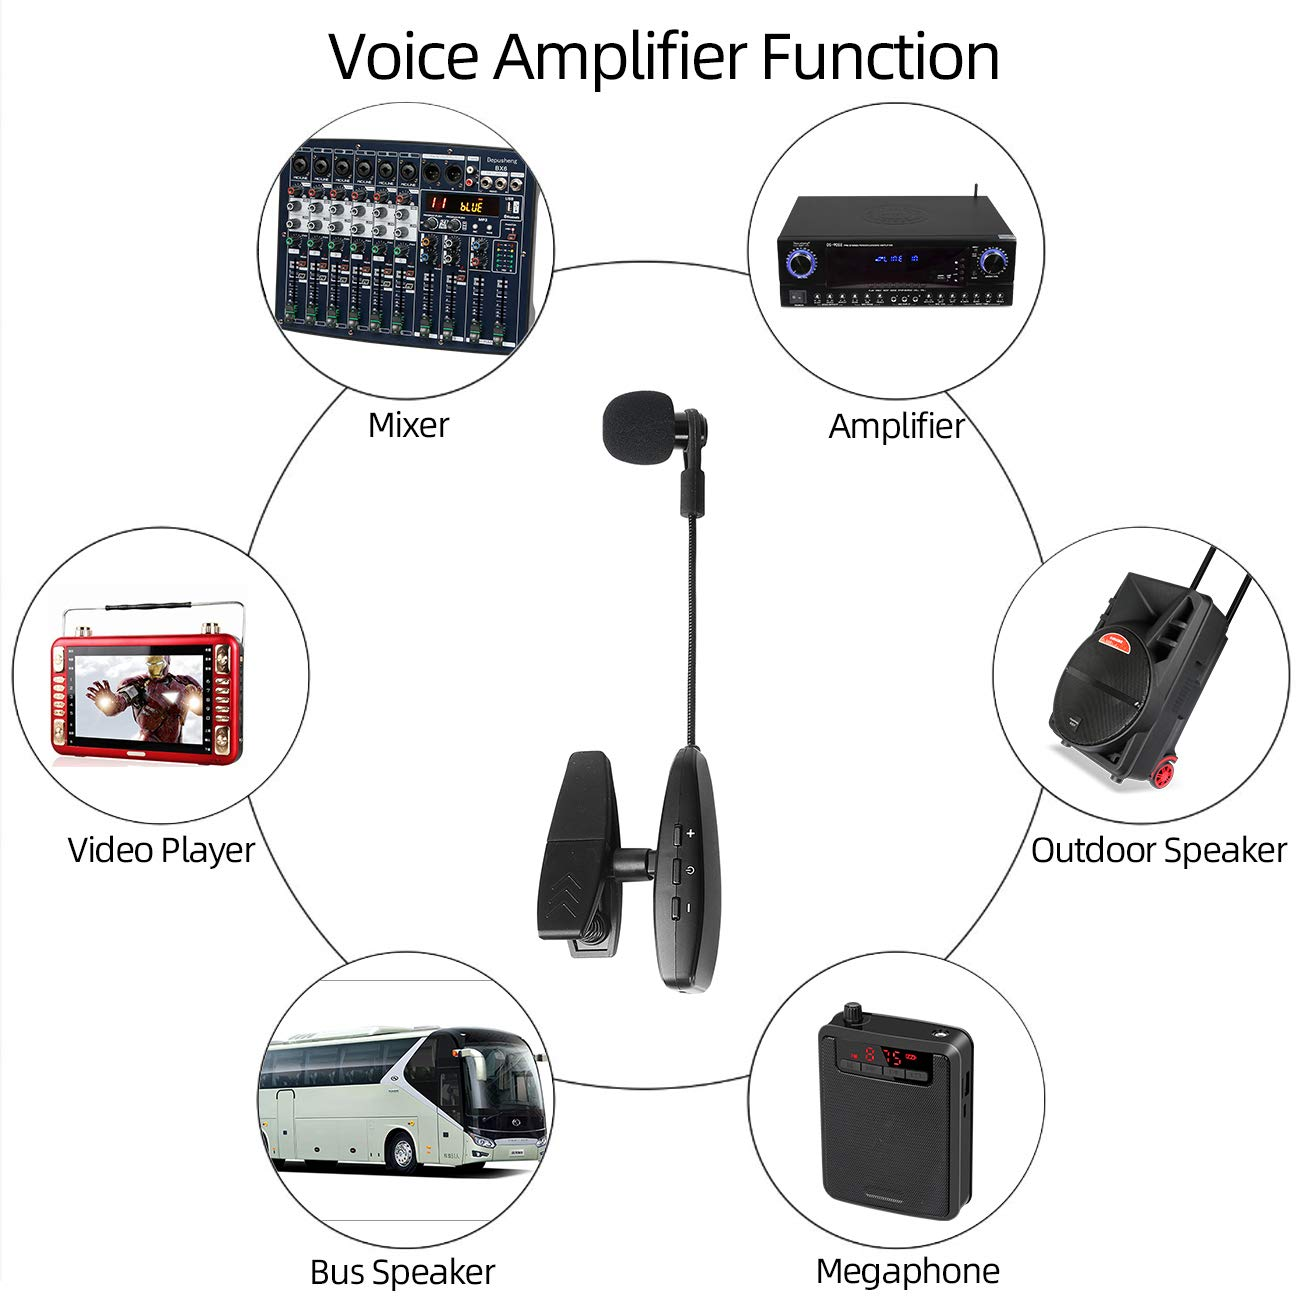 Depusheng Syst/ème de microphone pour saxophone sans fil Professionnel Sax Mic Col de cygne microphone /à condensateur Performance sur sc/ène